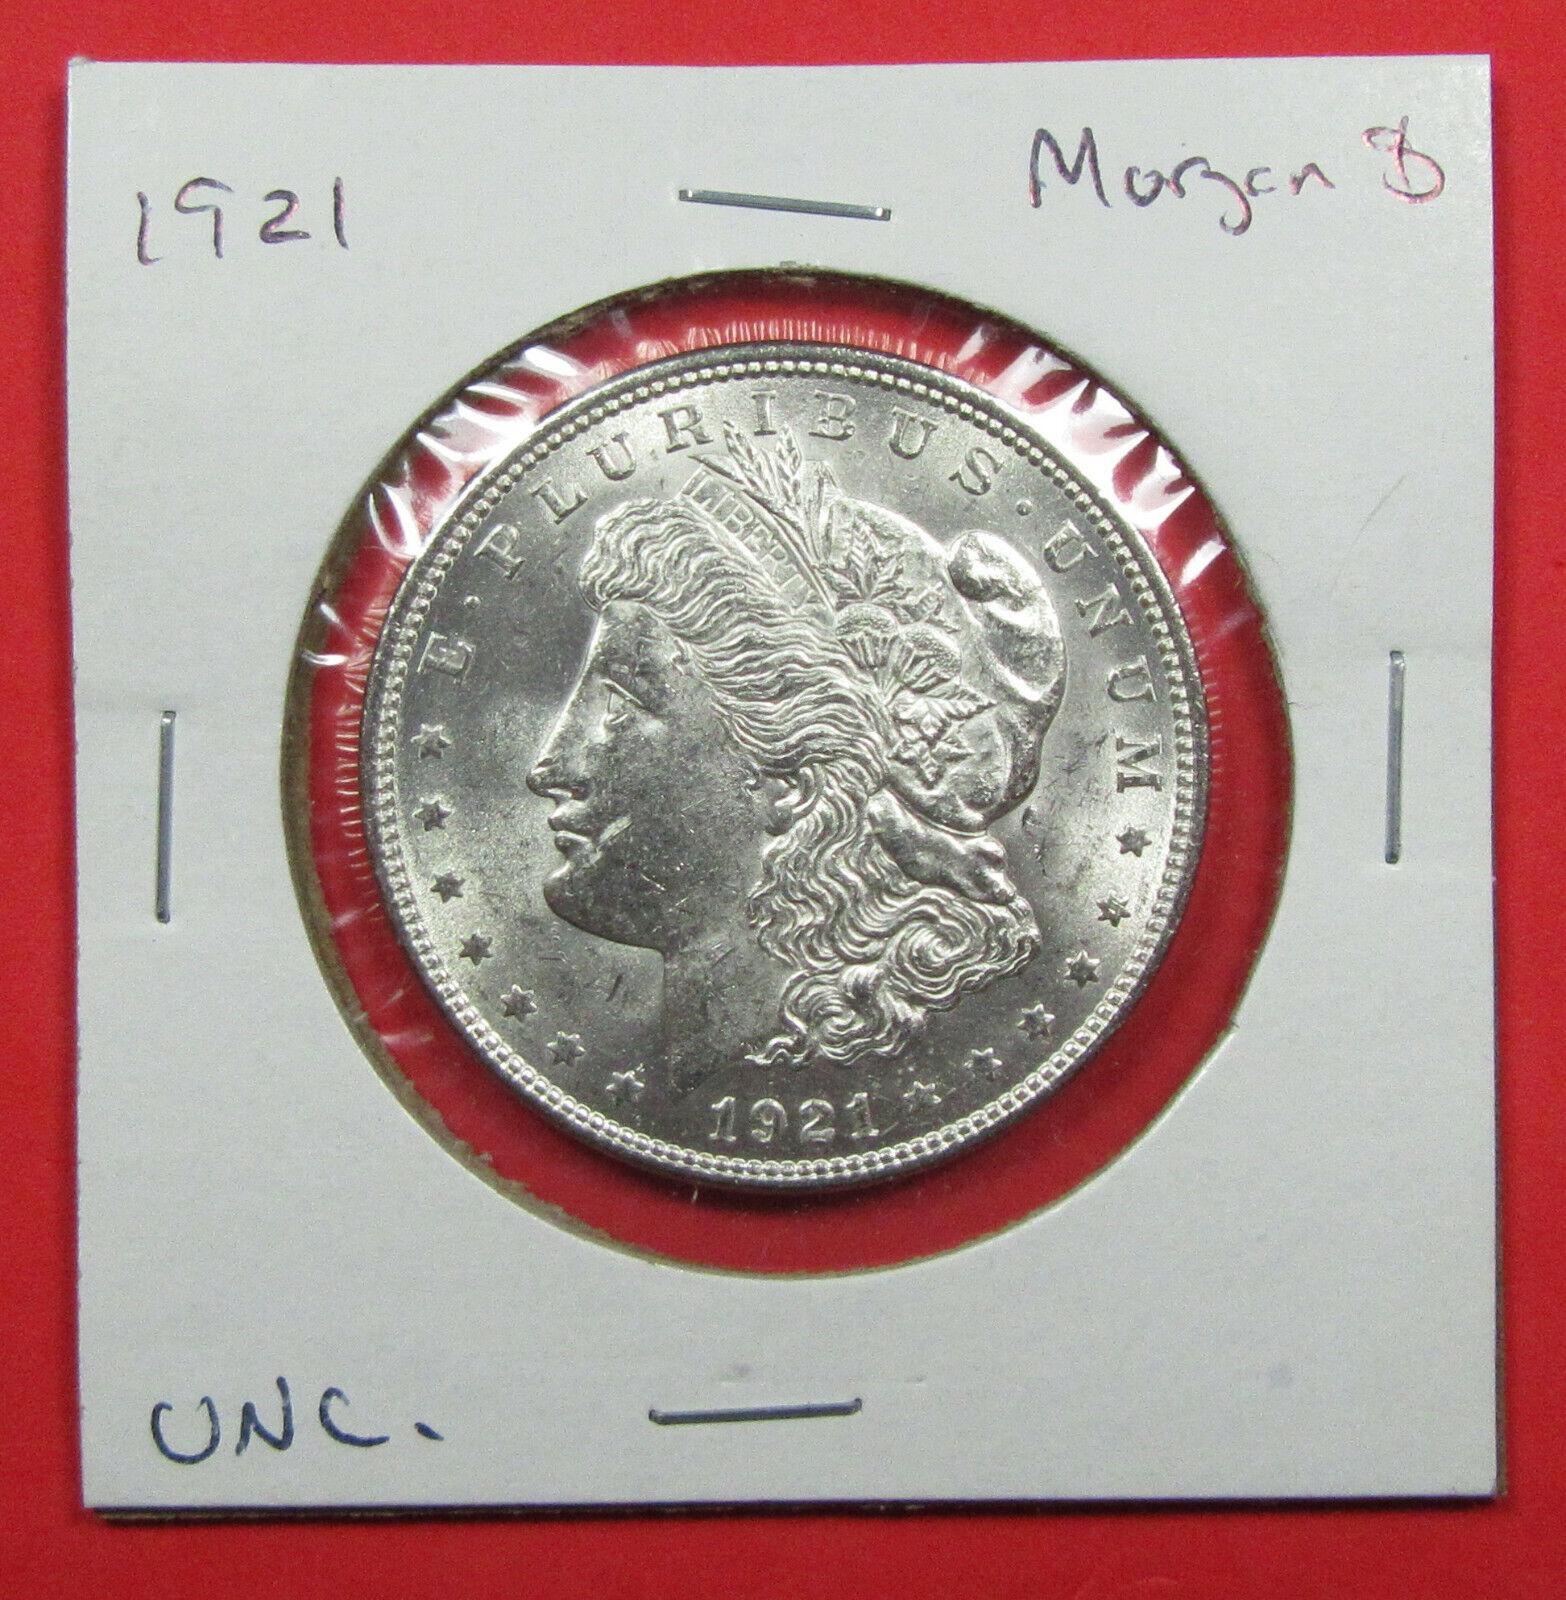 1921 1 Morgan Silver Dollar. Uncirculated. Pretty Final Year Of Issue 1120153  - $37.50